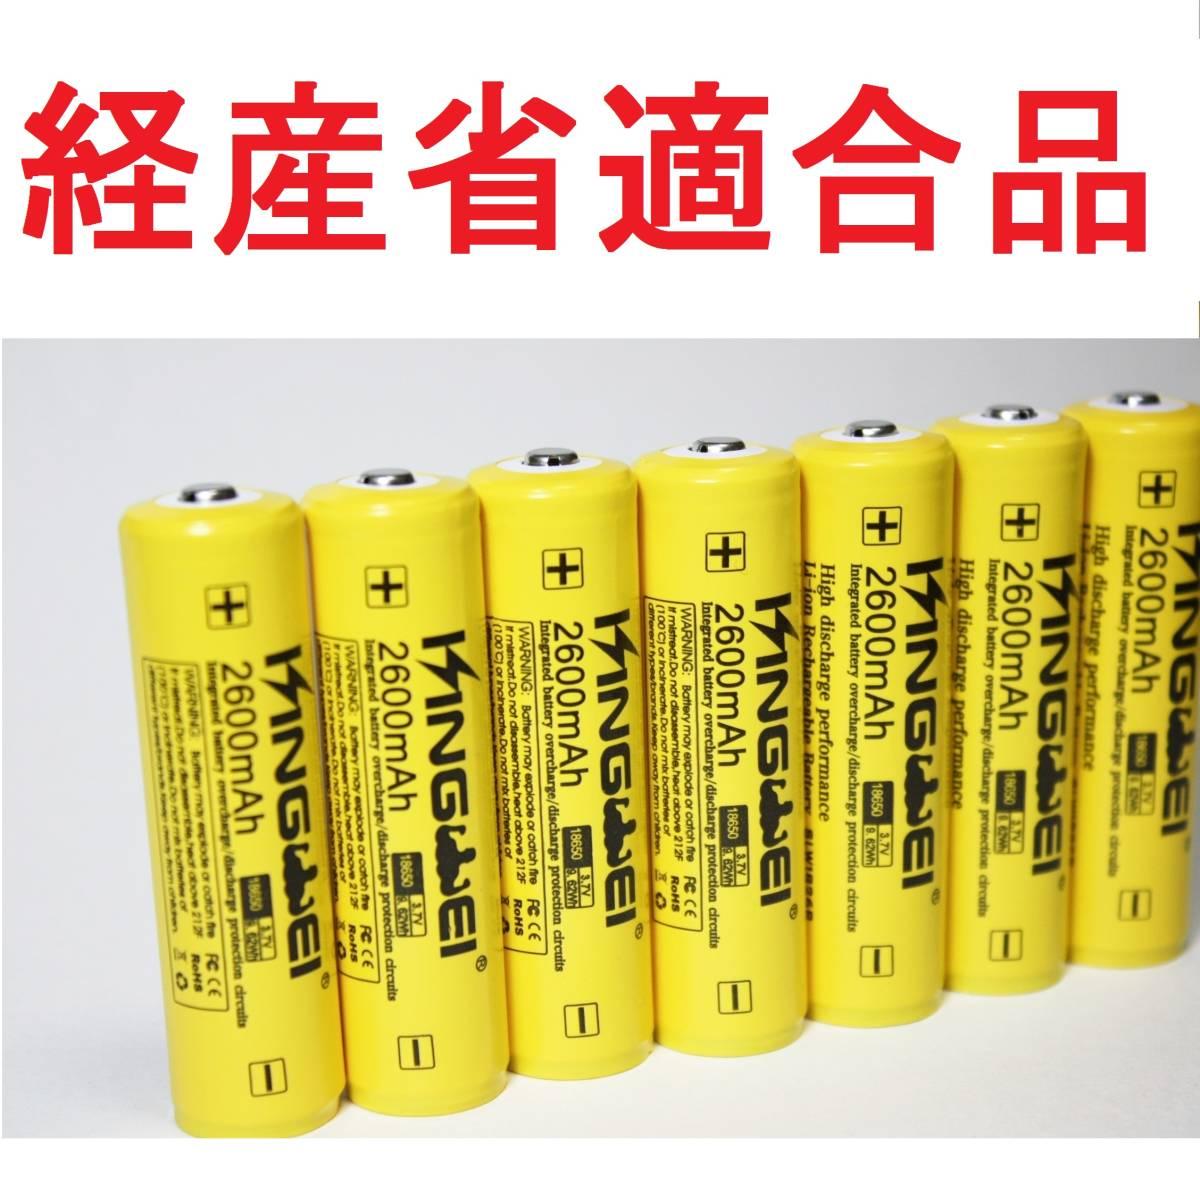 1円 正規容量 18650 経済産業省適合品 大容量 リチウムイオン 充電池 バッテリー 懐中電灯 ヘッドライト a